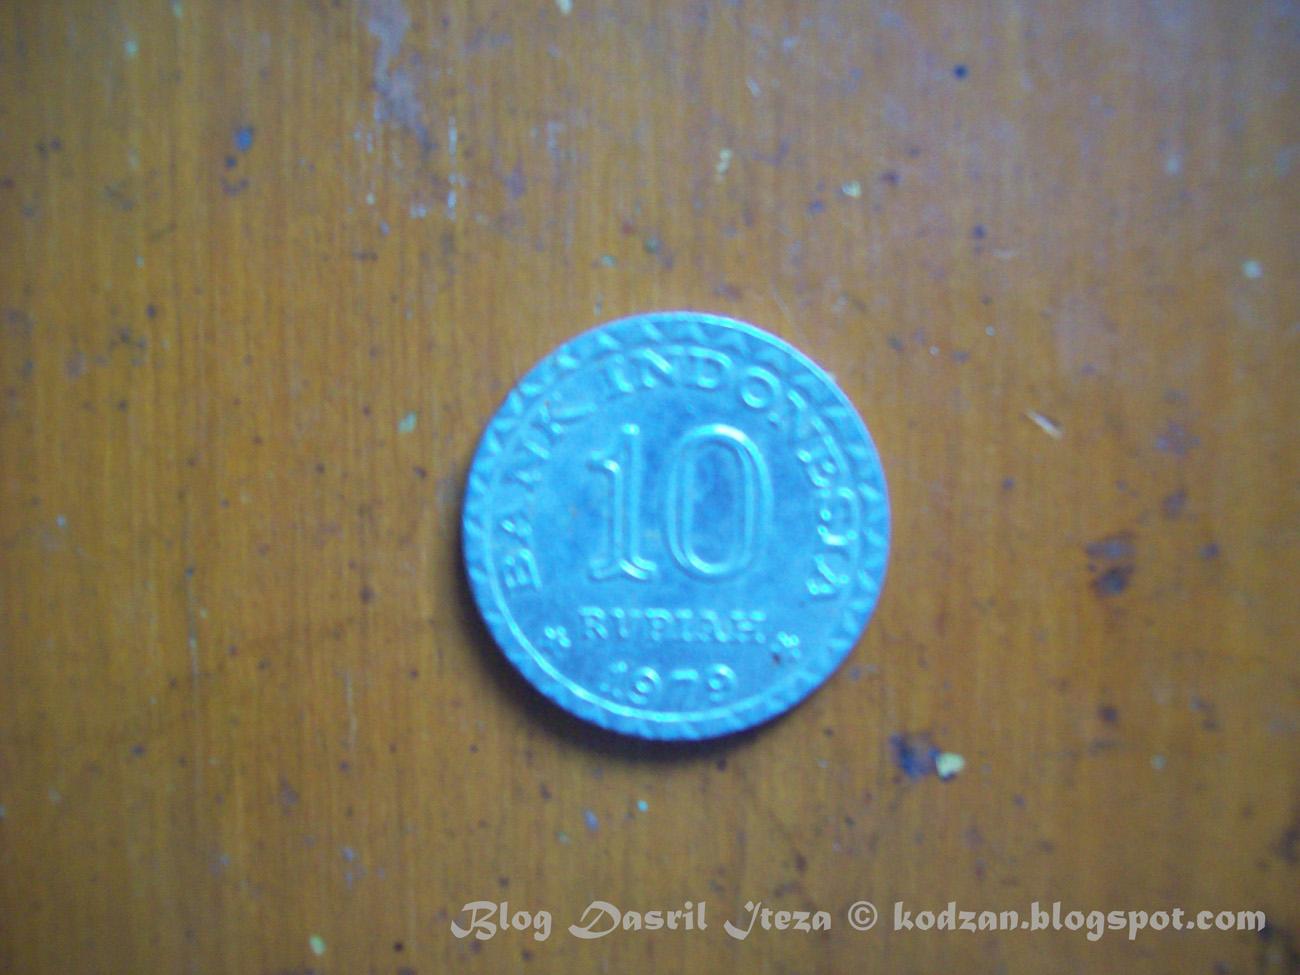 Koleksi baik koin uang logam maupun uang kertas kuno saya